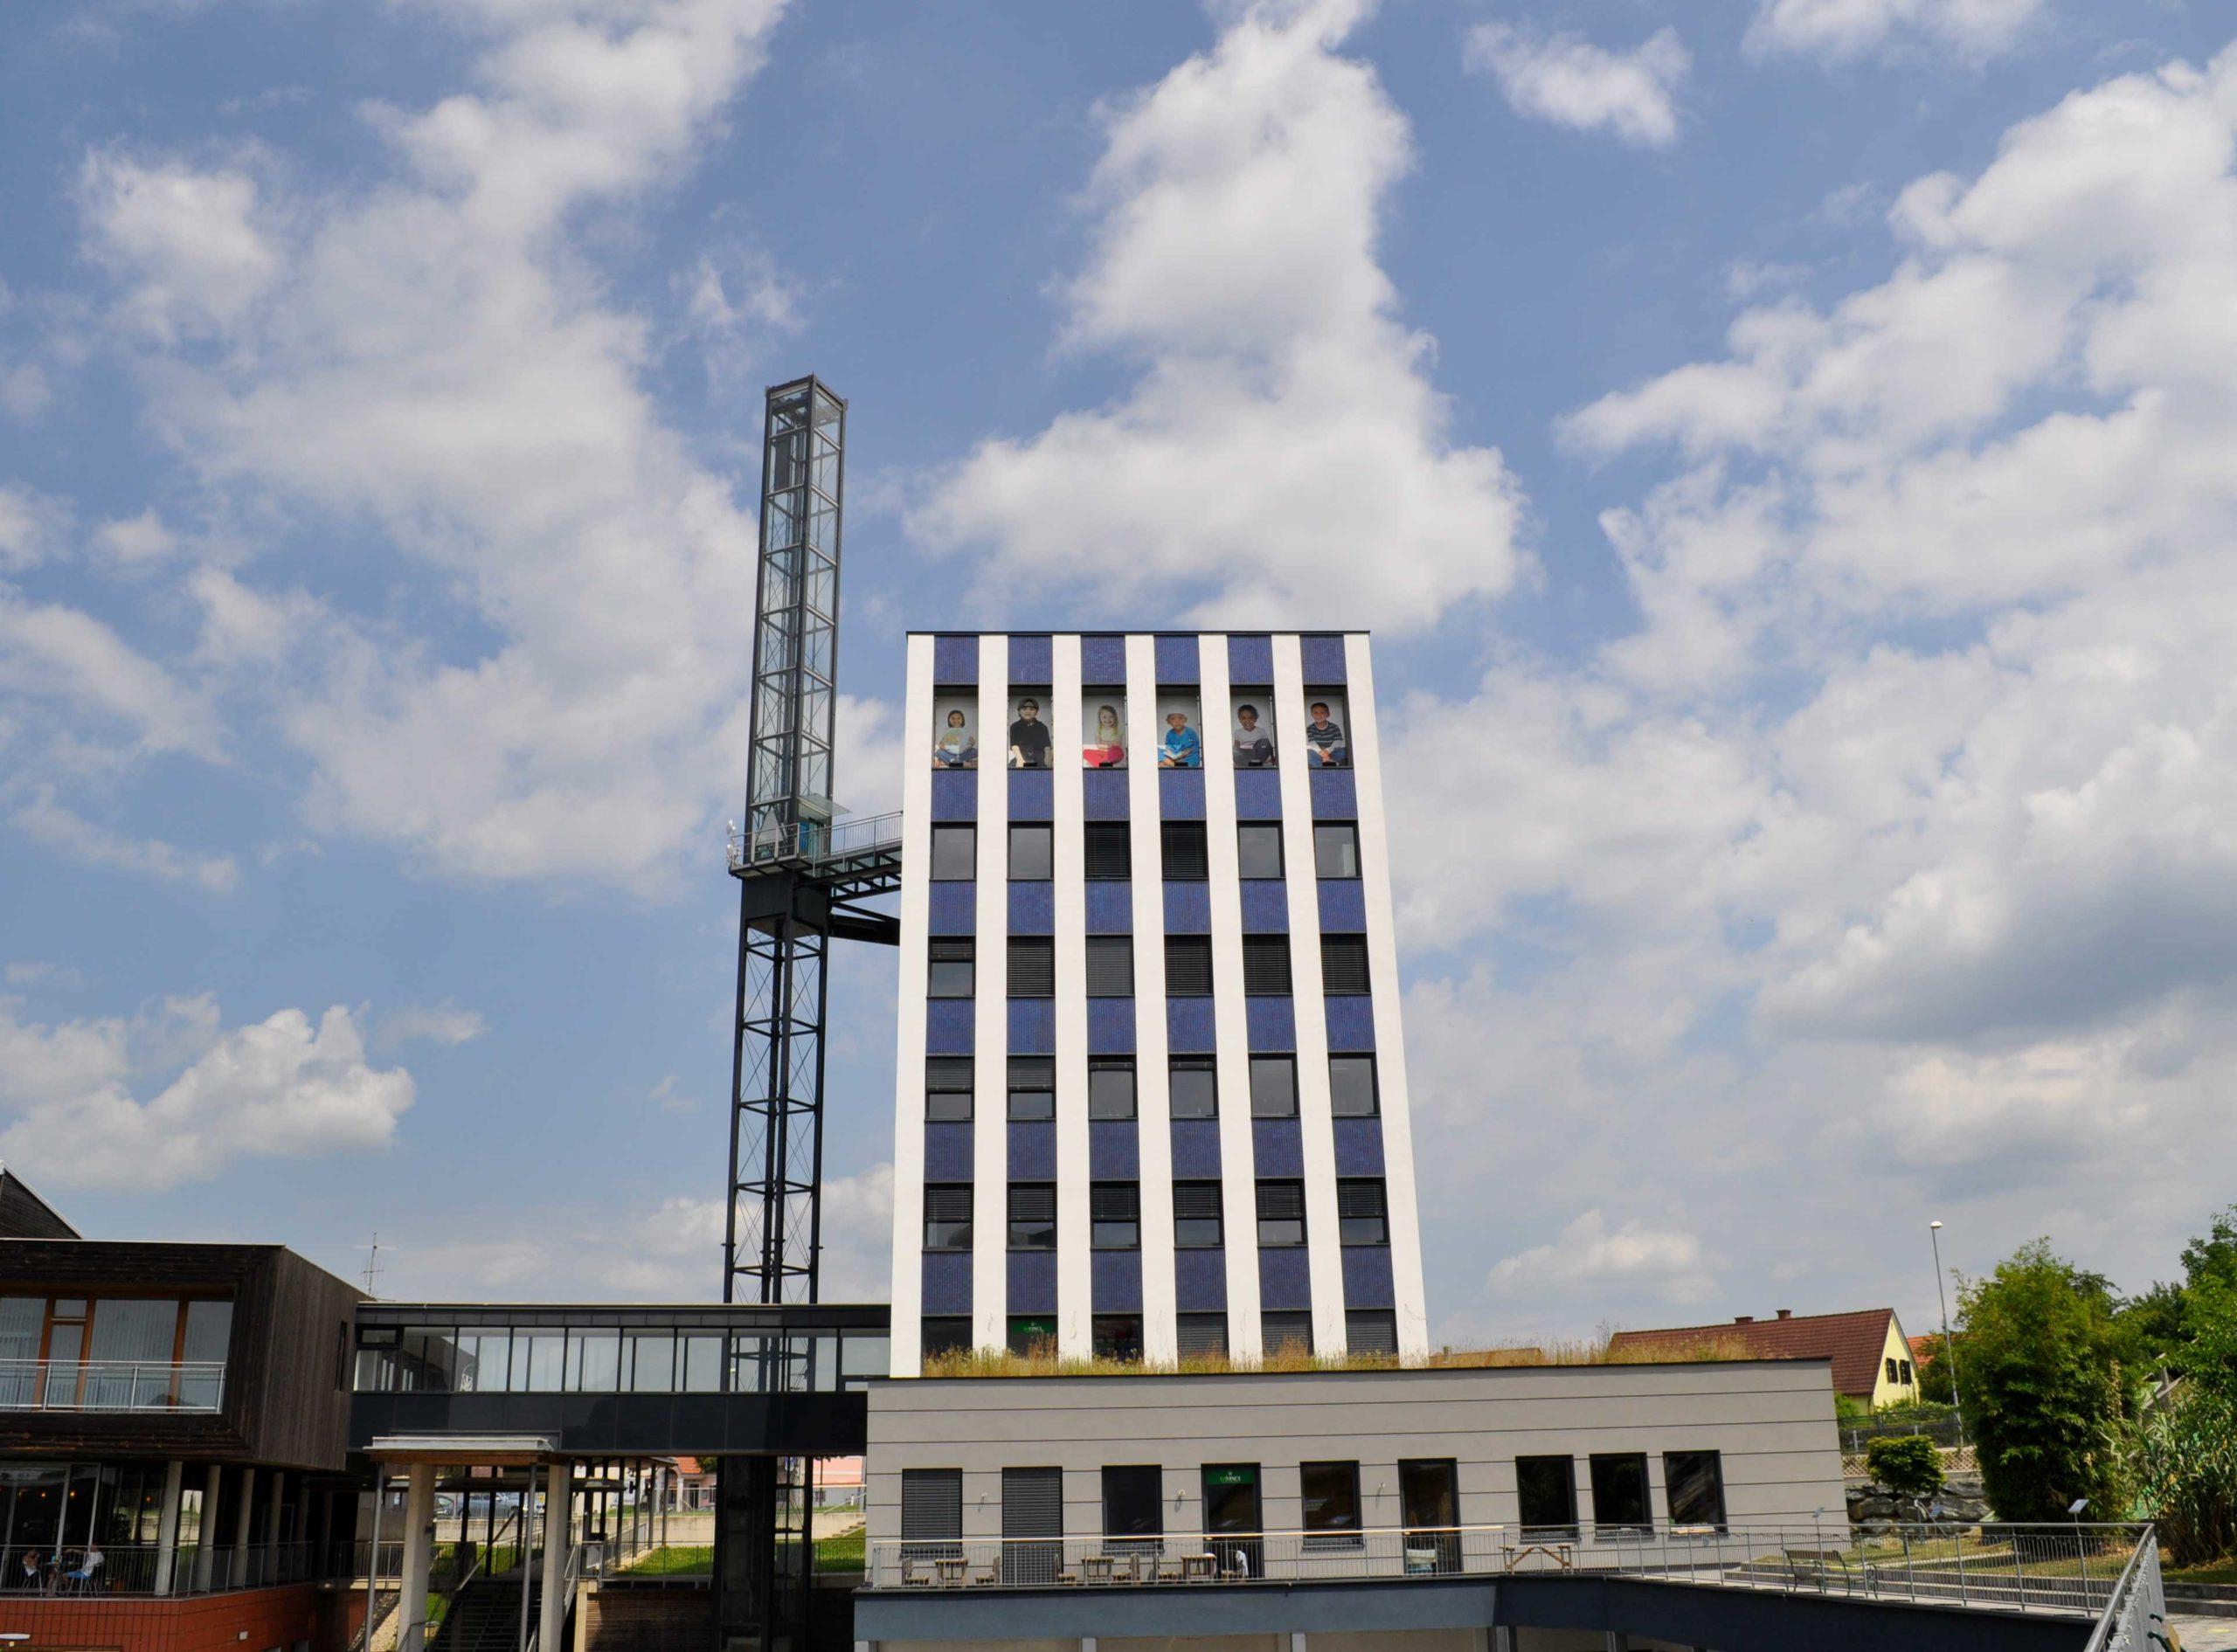 Büroturm am Ökopark Hartberg mit Lift